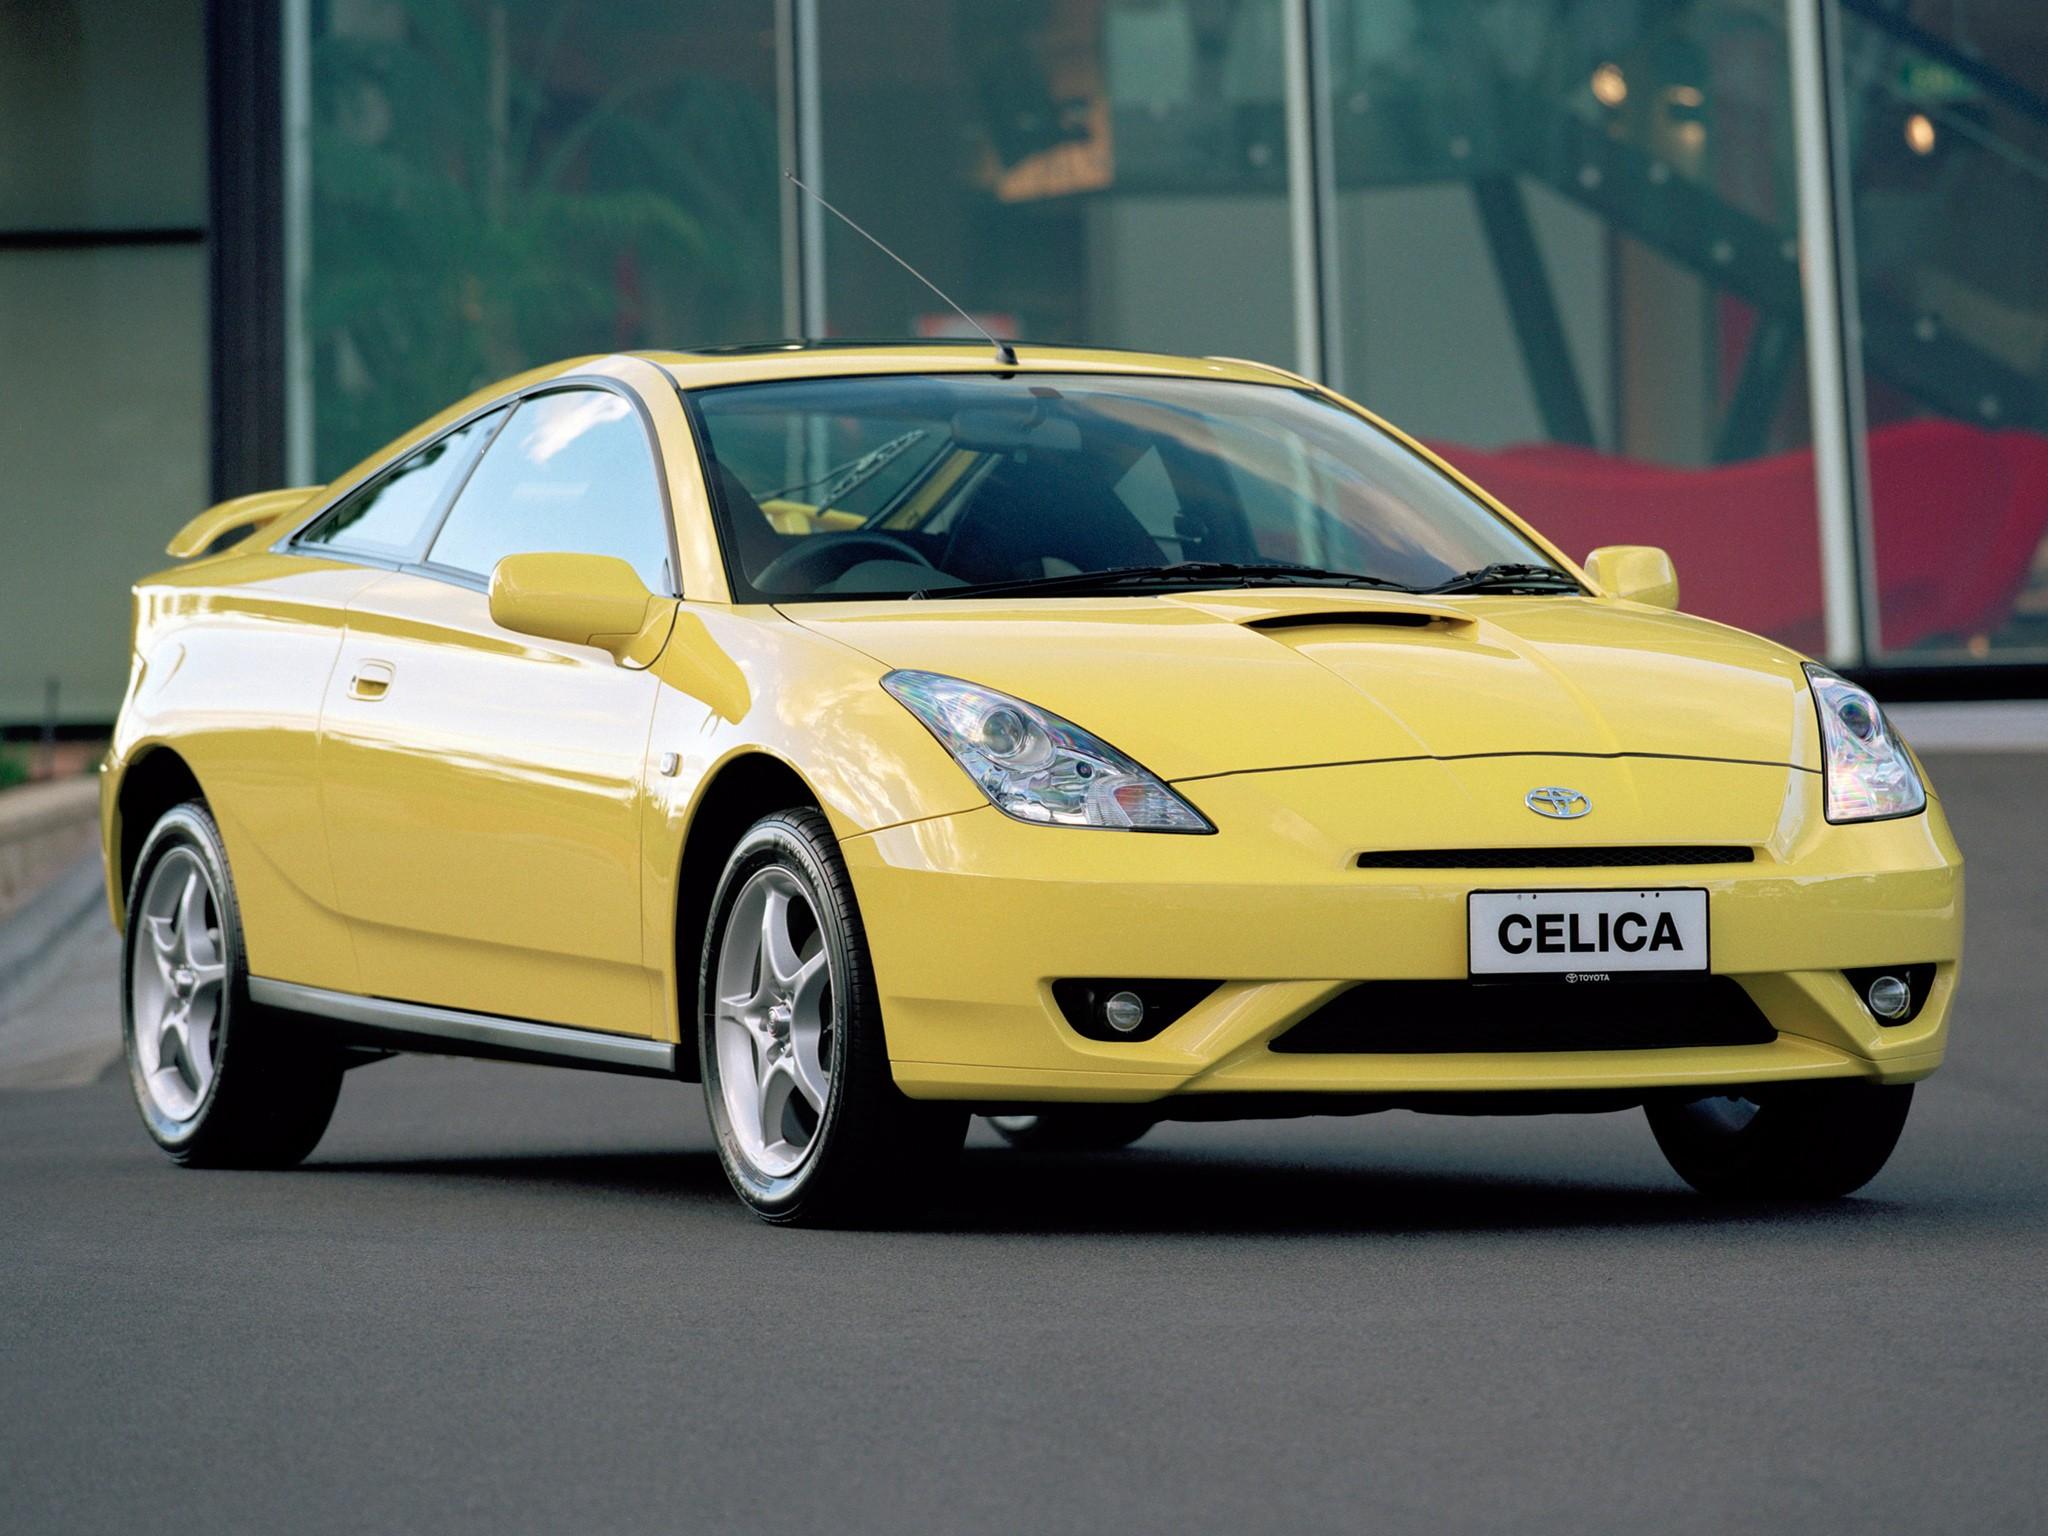 Toyota Celica Specs 2002 2003 2004 2005 2006